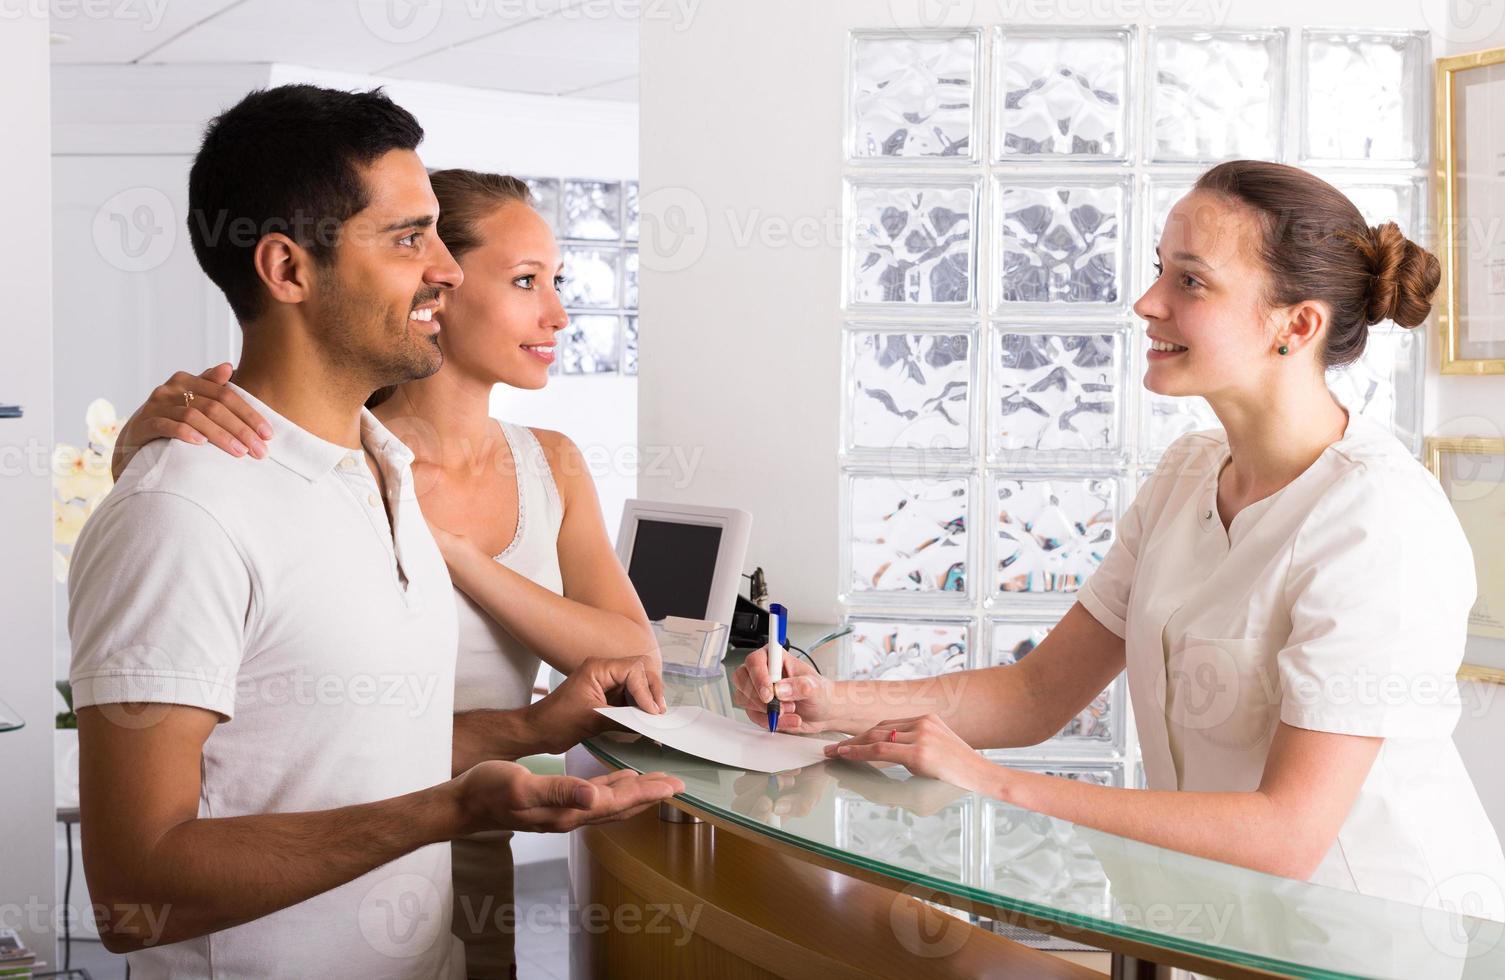 par med receptionist på kliniken foto